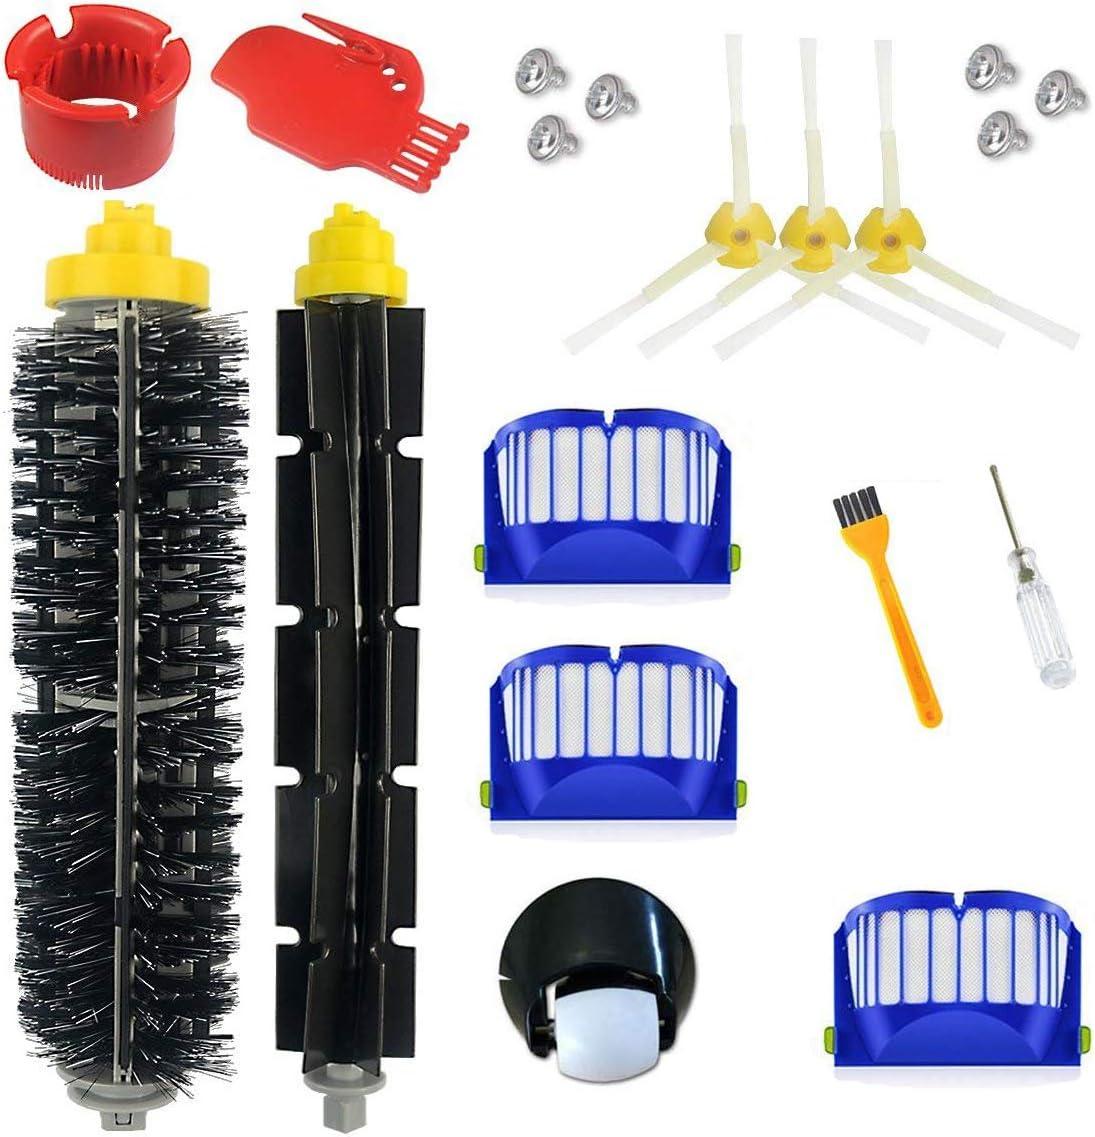 Supon - Cabezales para robot serie 600 (sustituye a cepillos de accesorios, 19 accesorios, cepillos laterales, filtro, cepillo de cerdas para aspiradora robot (600-q): Amazon.es: Hogar